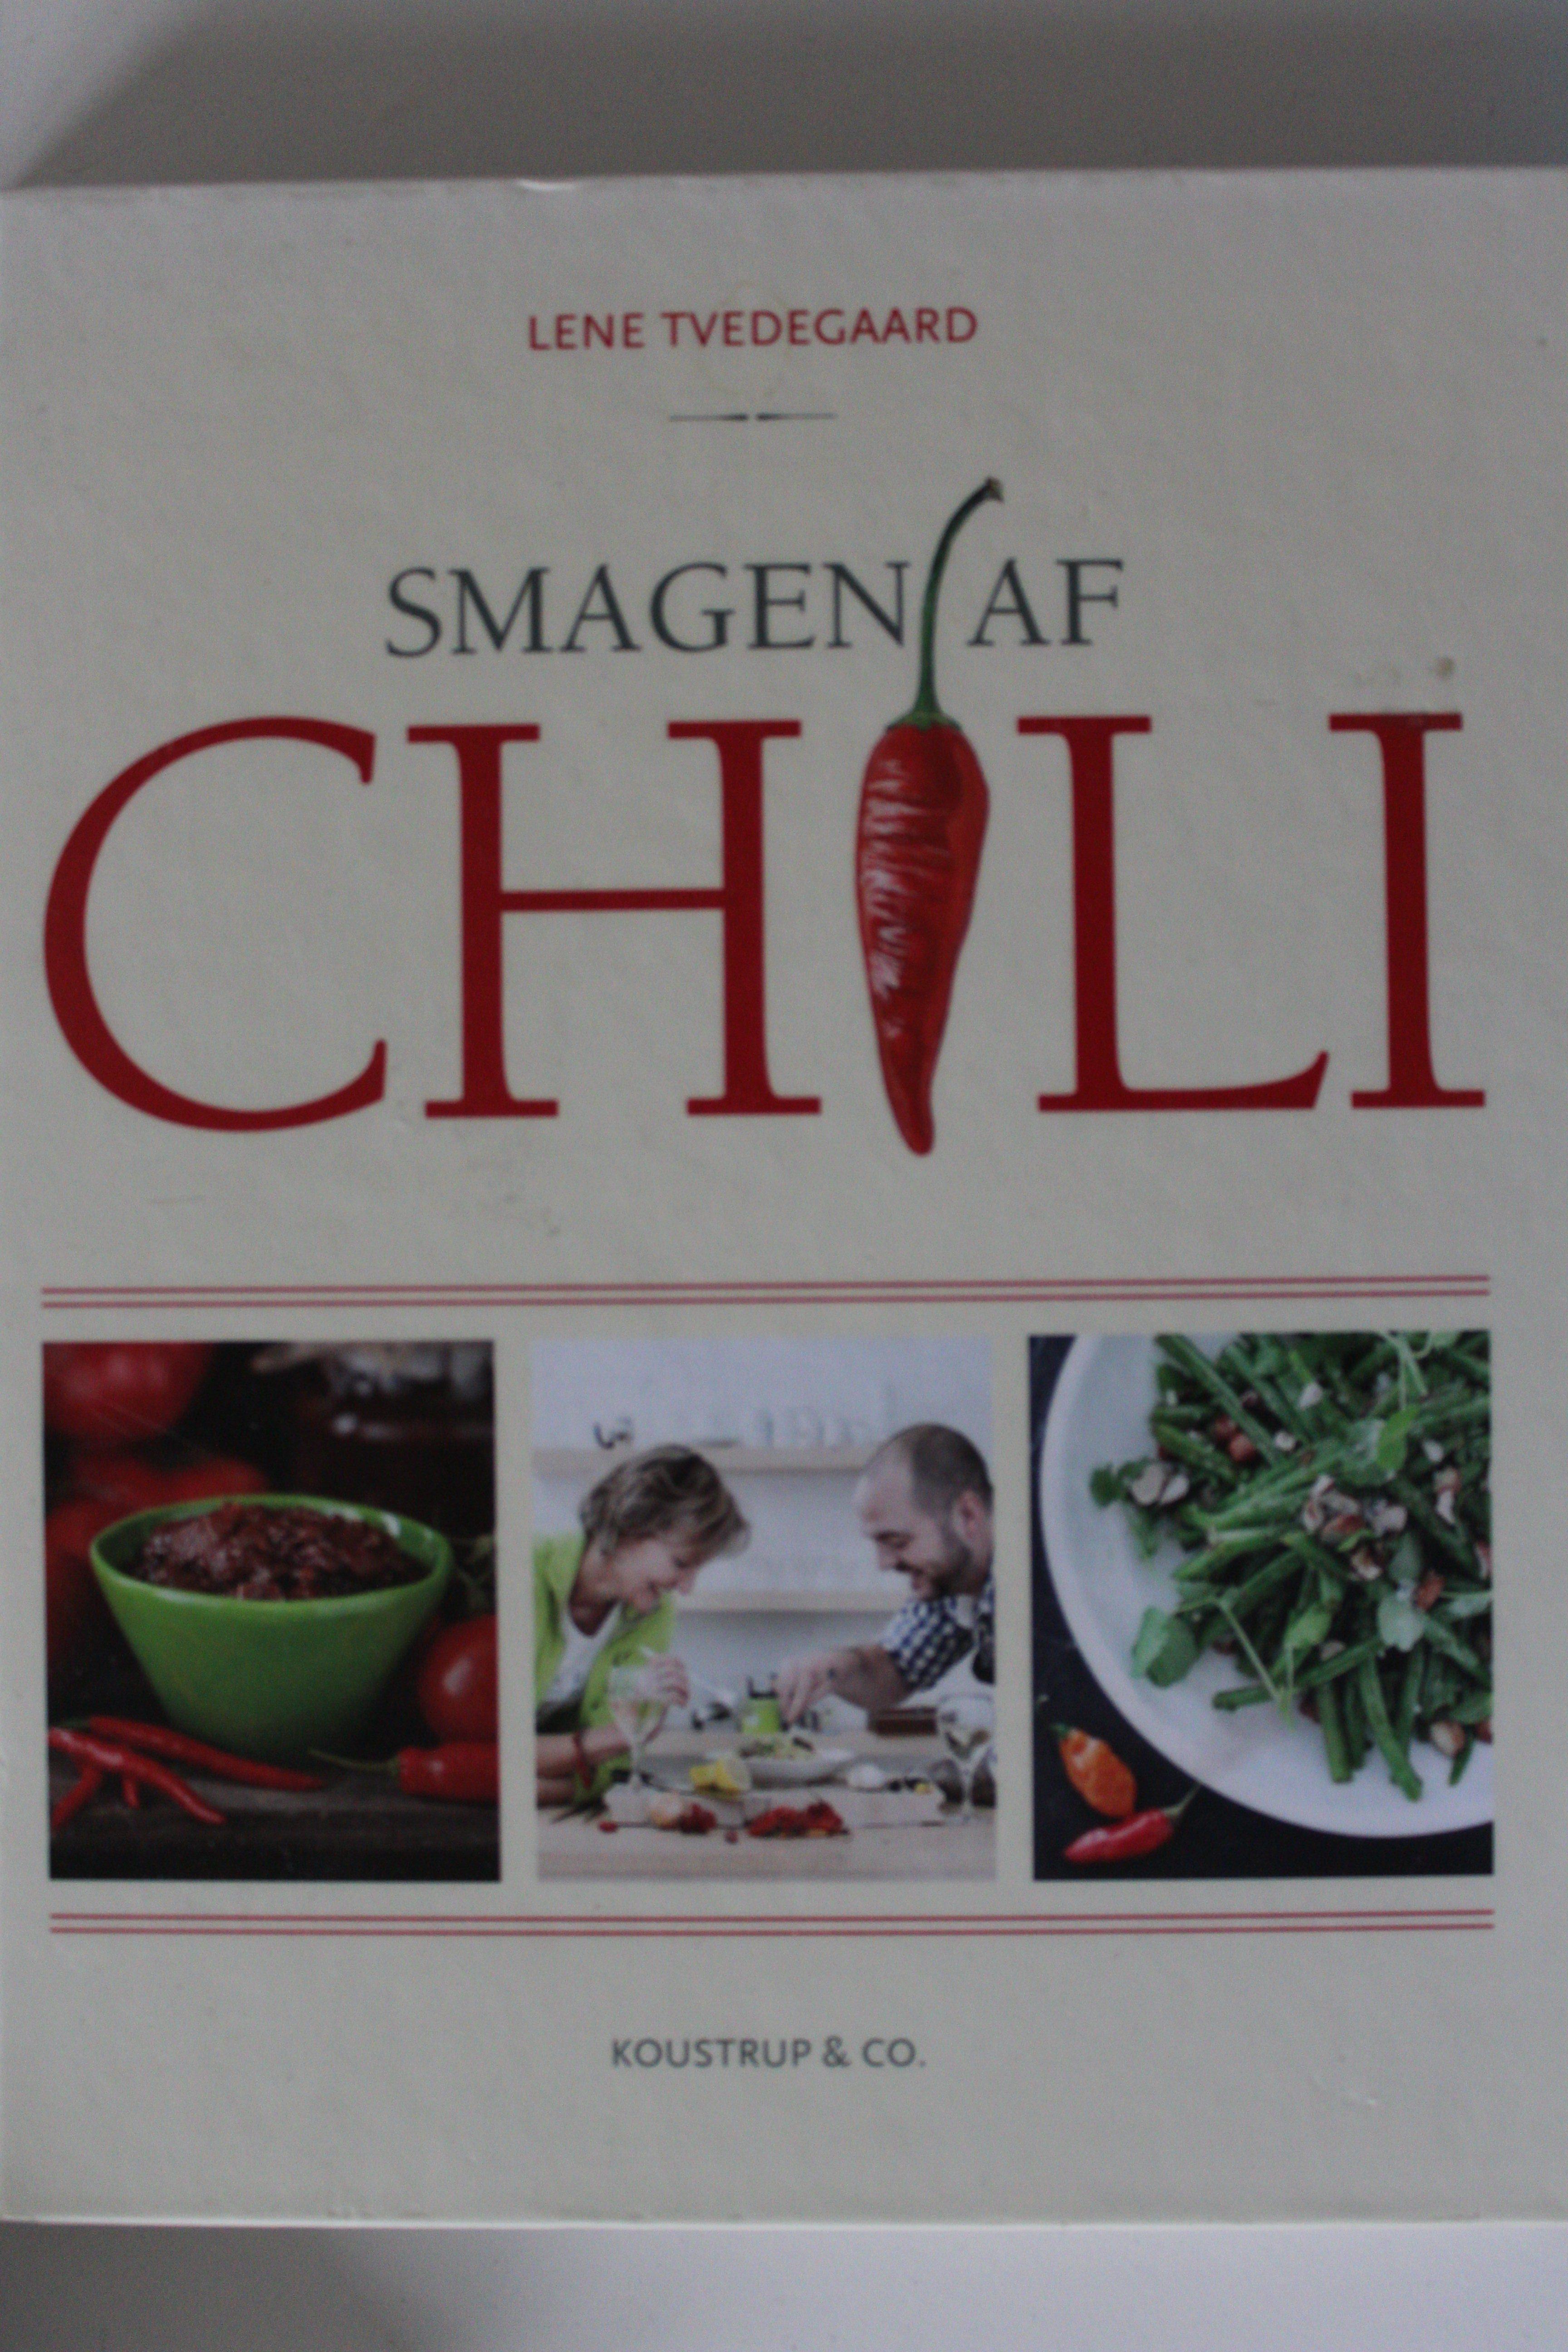 Smagen af Chili af Lene Tvedegaard